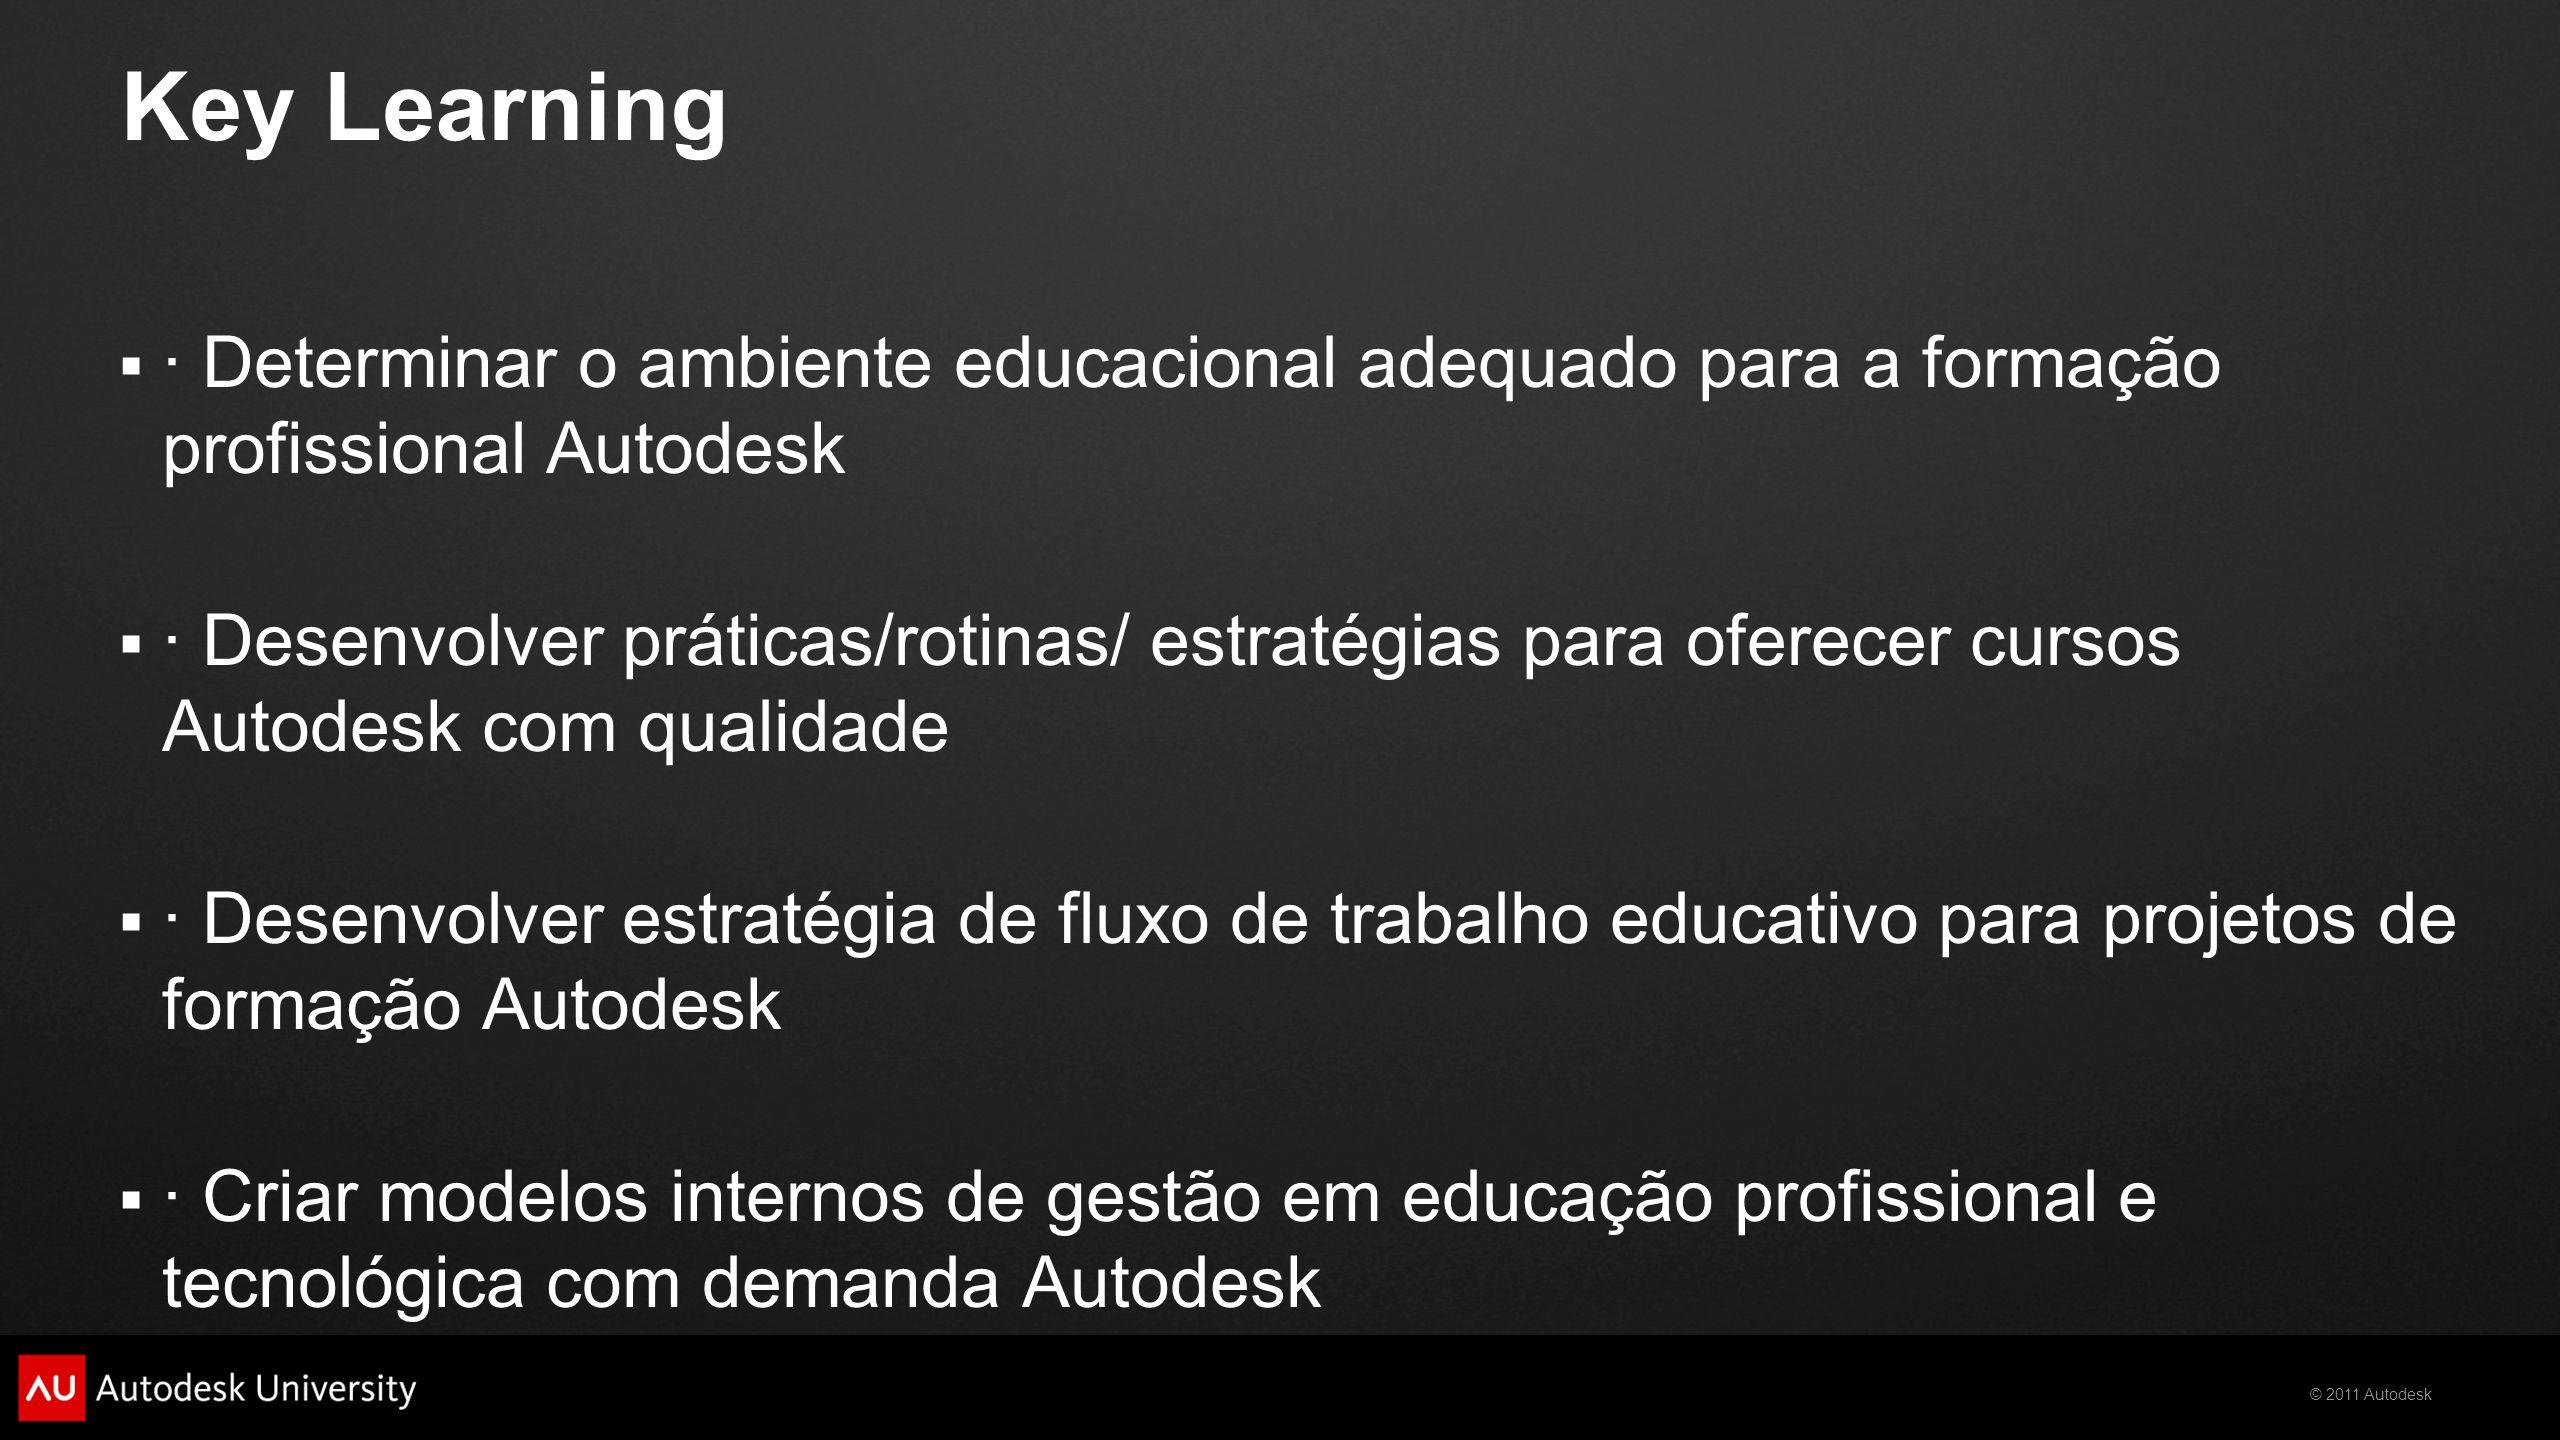 Key Learning · Determinar o ambiente educacional adequado para a formação profissional Autodesk.